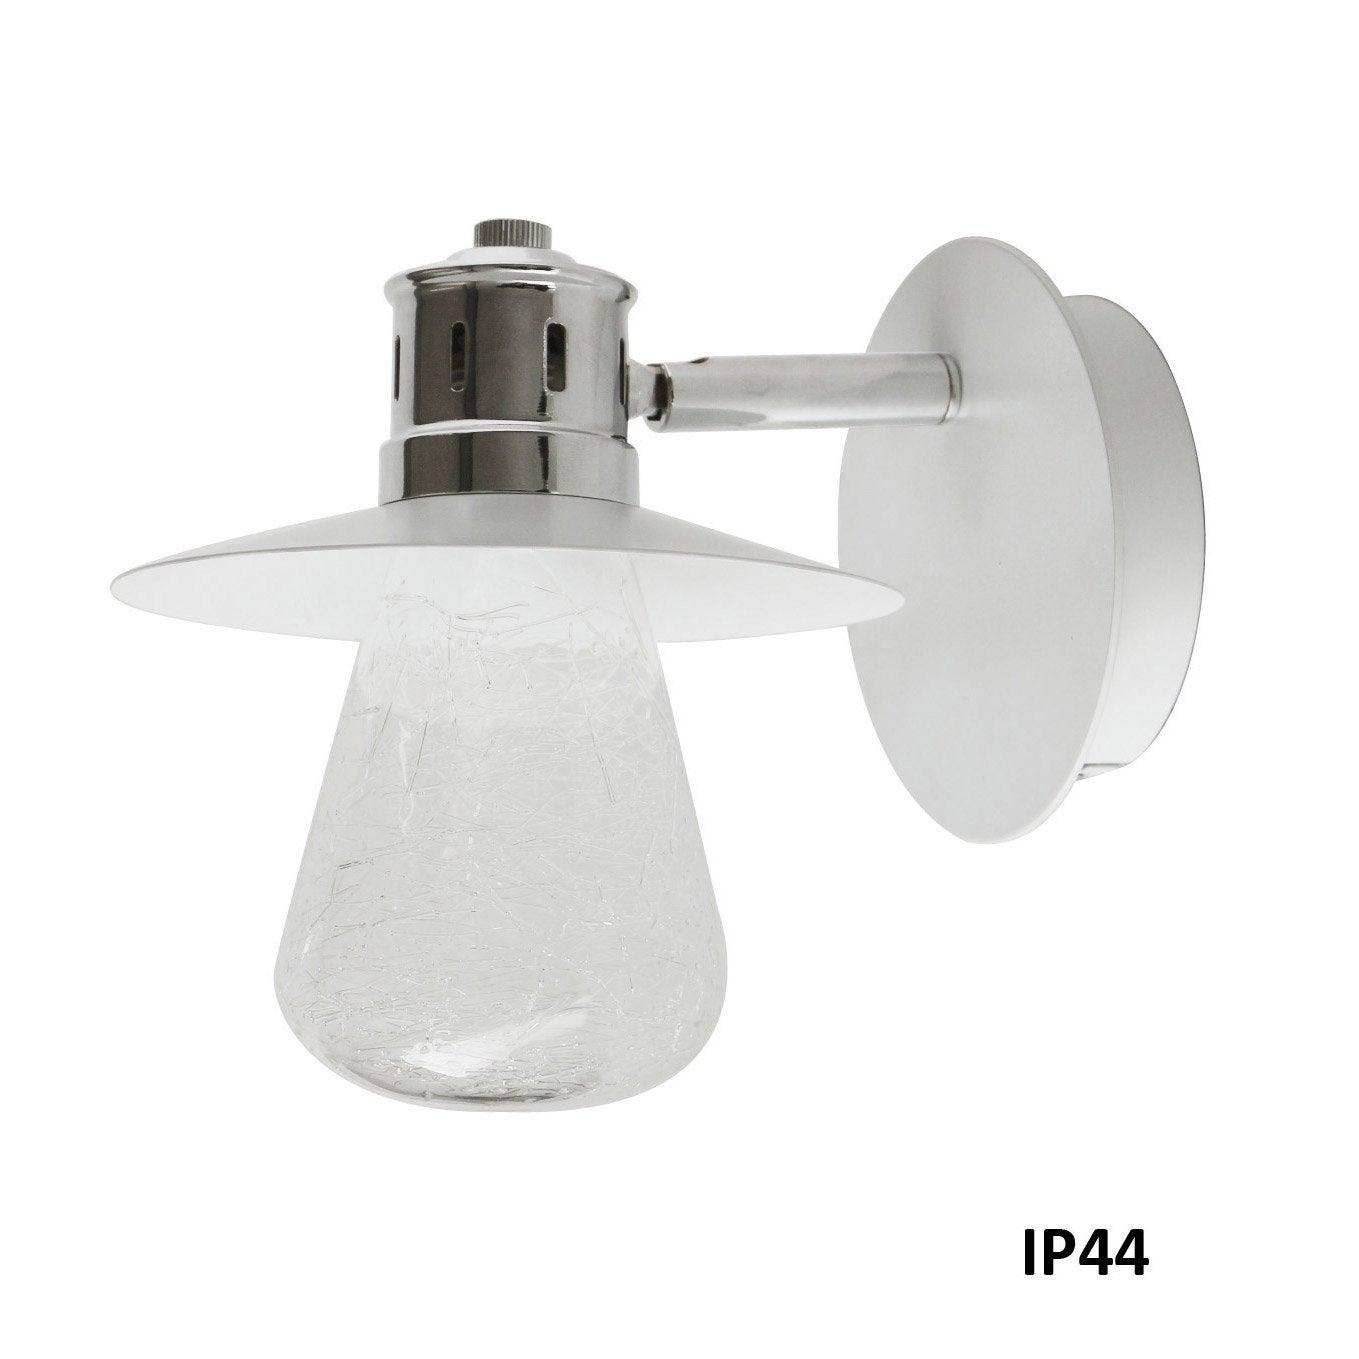 Applique Asco, Halogène 1 x 33 W, G9 blanc chaud